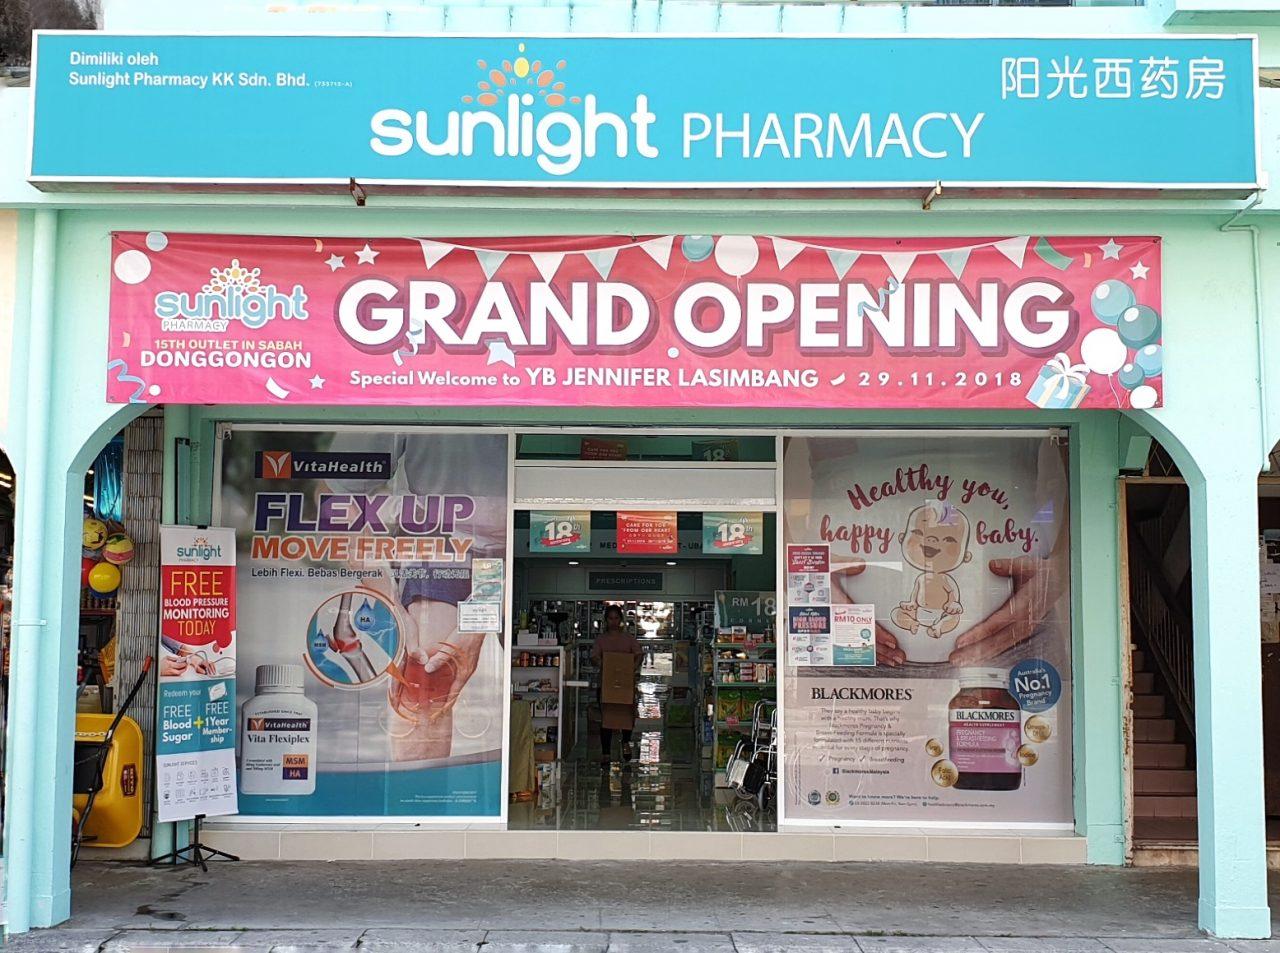 Edisiviral Sunlight Pharmacy Celebrating 18th Anniversary With